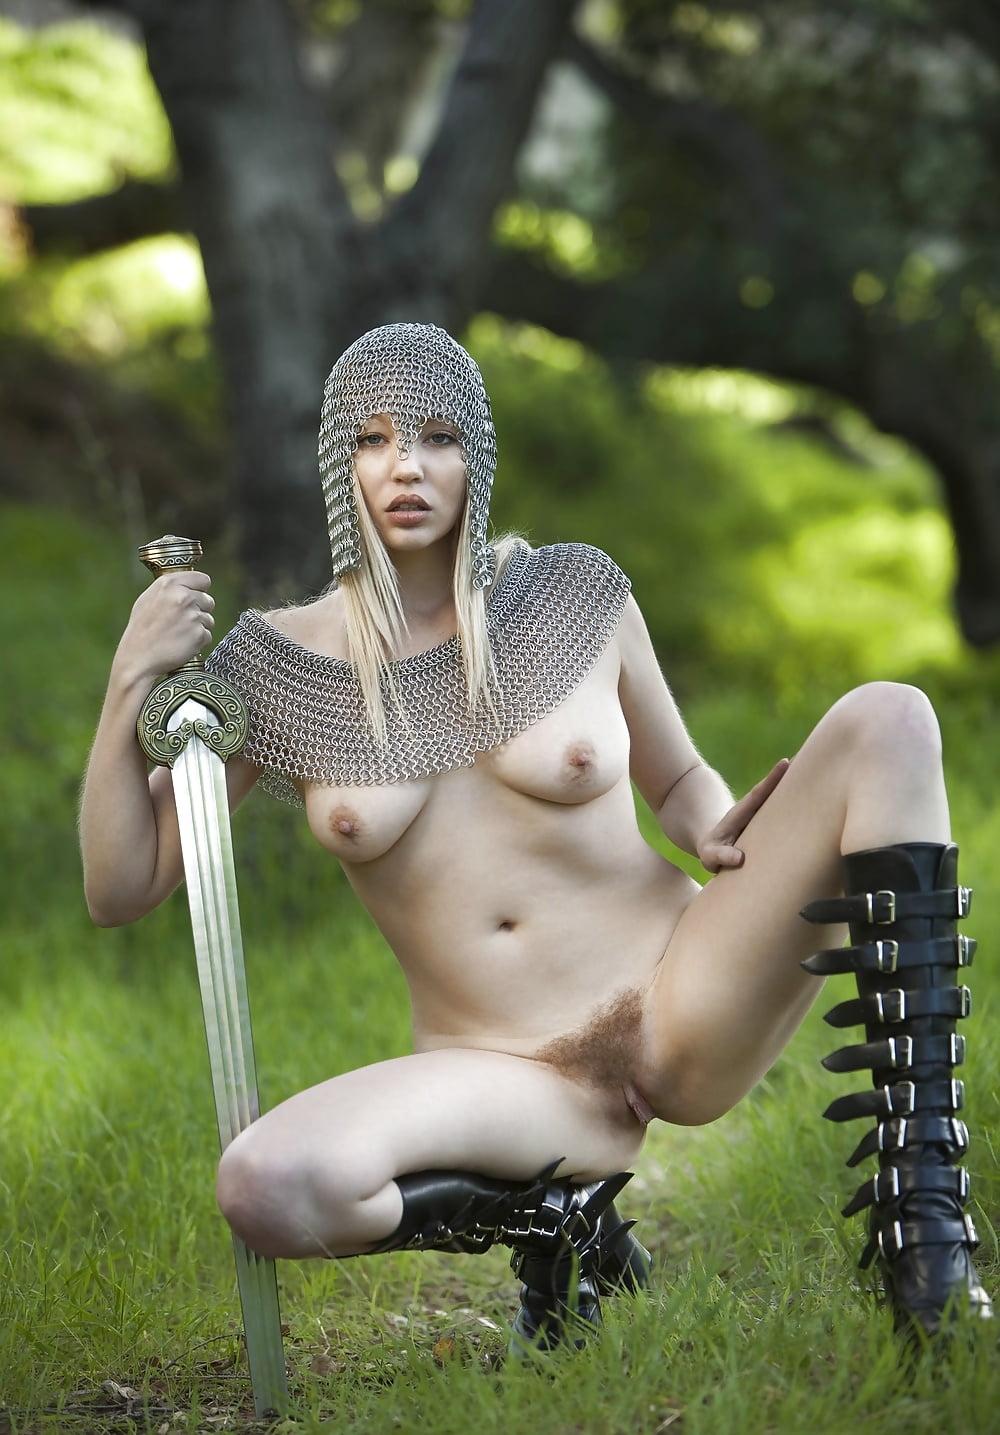 Clyde ohio nude girls pics